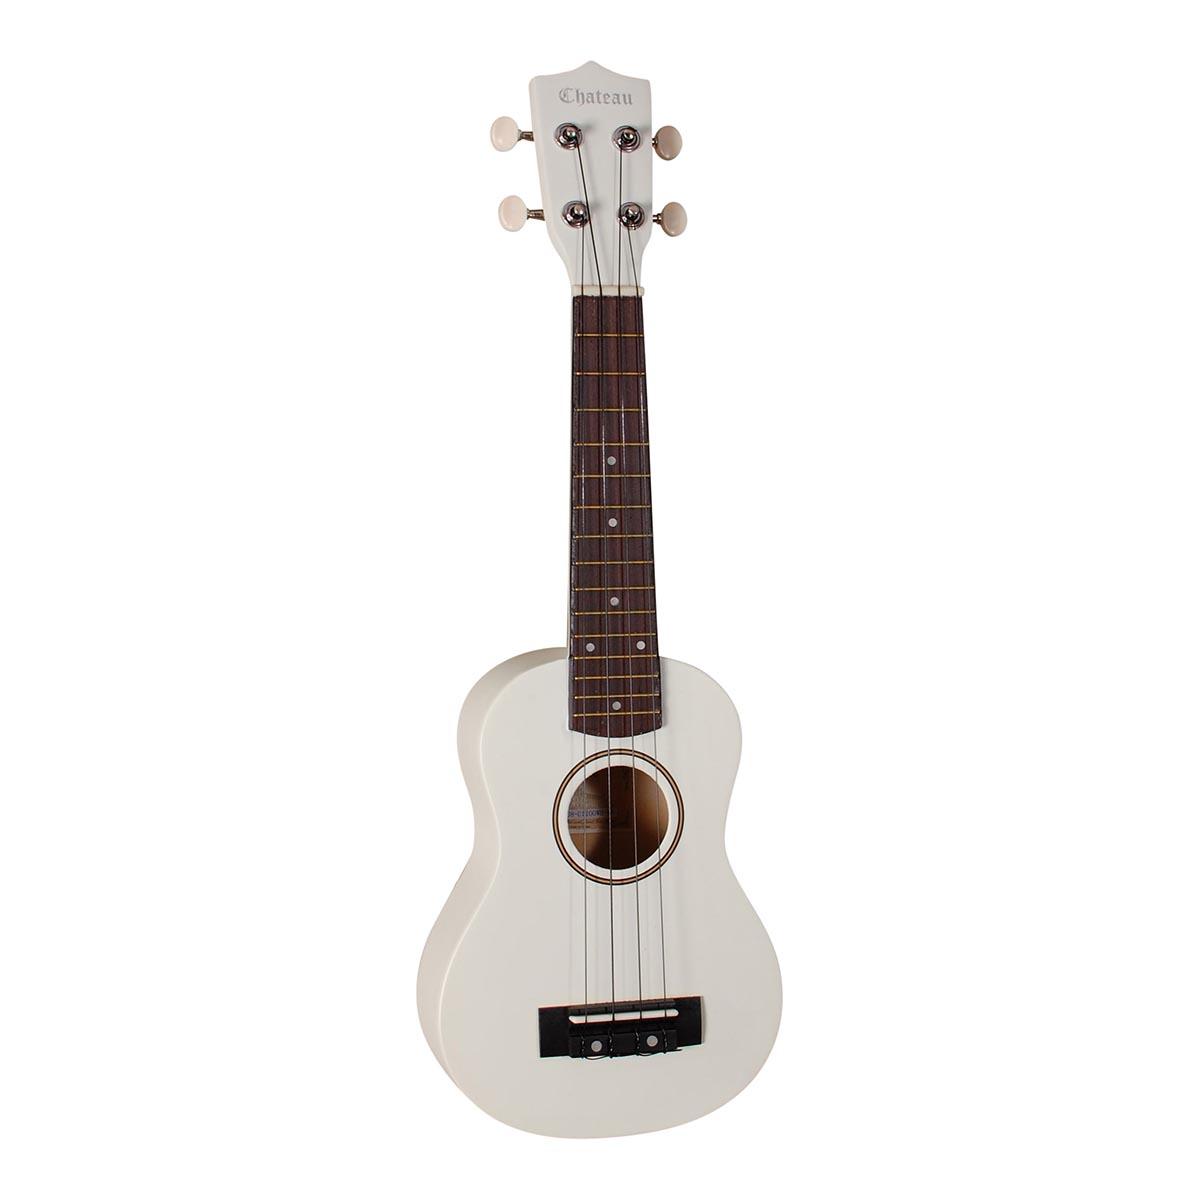 Image of   Chateau C08-U1100-WH ukulele hvid